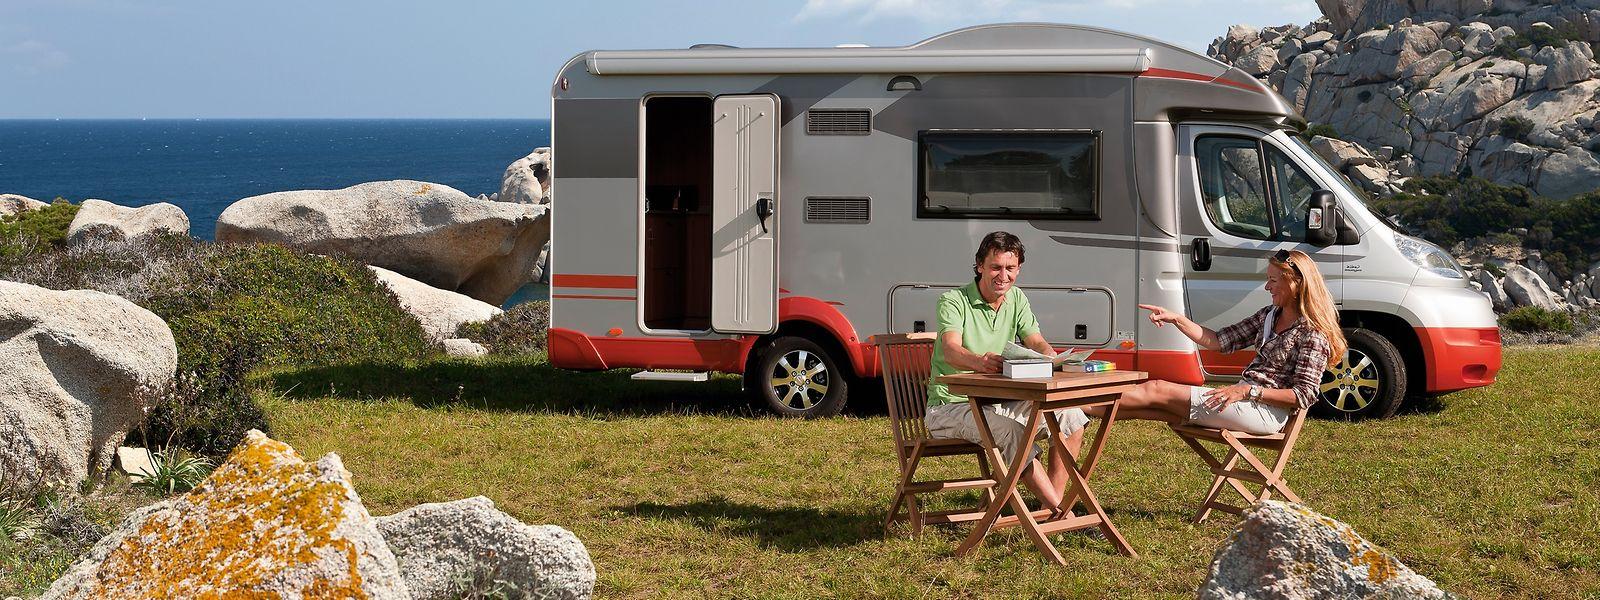 Urlaub mit einem Wohnmobil oder Wohnwagen ist eine der besten Möglichkeiten, Abstand zu halten.